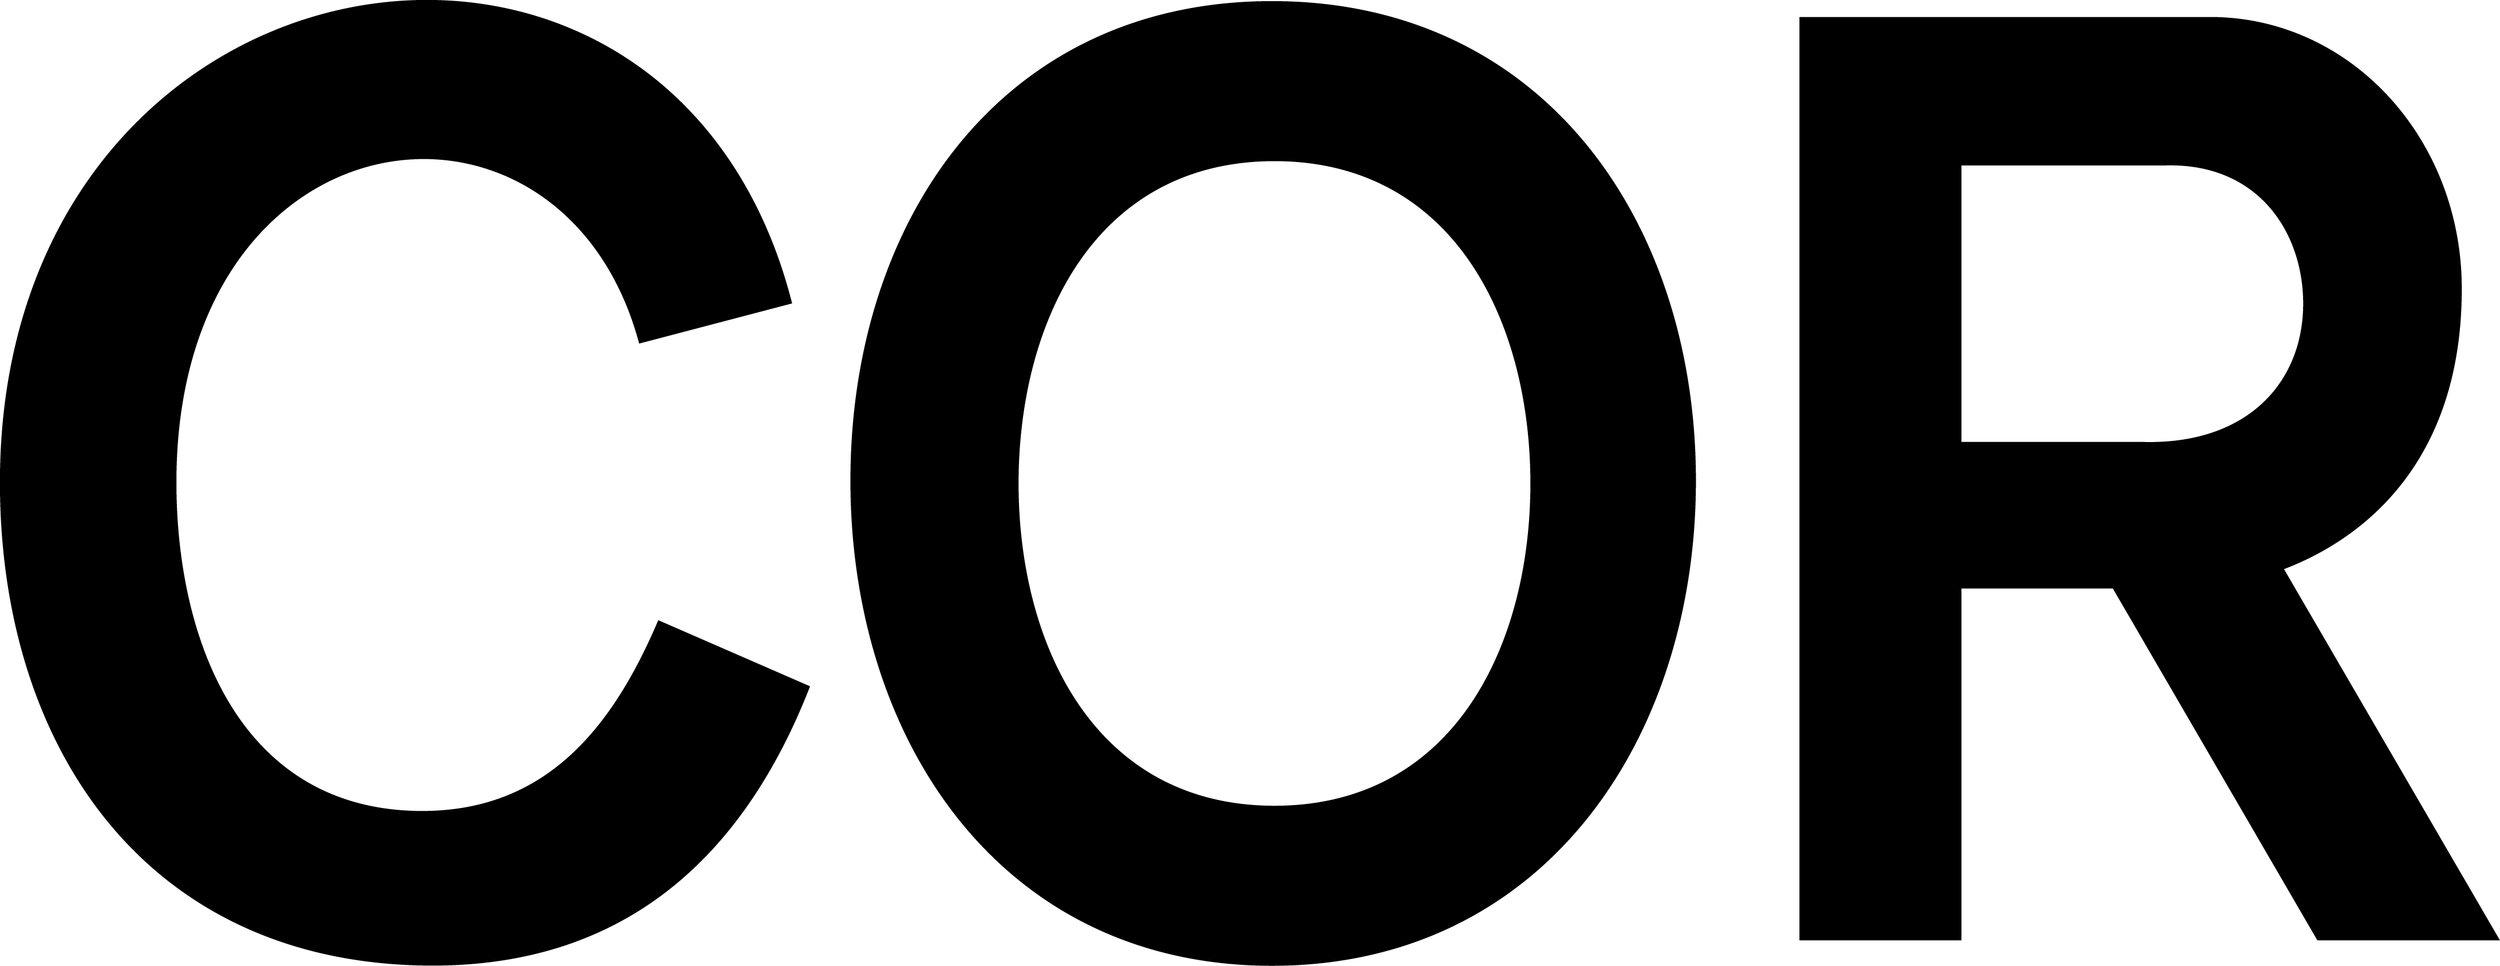 COR_LOGO_100_schwarz (3).jpg